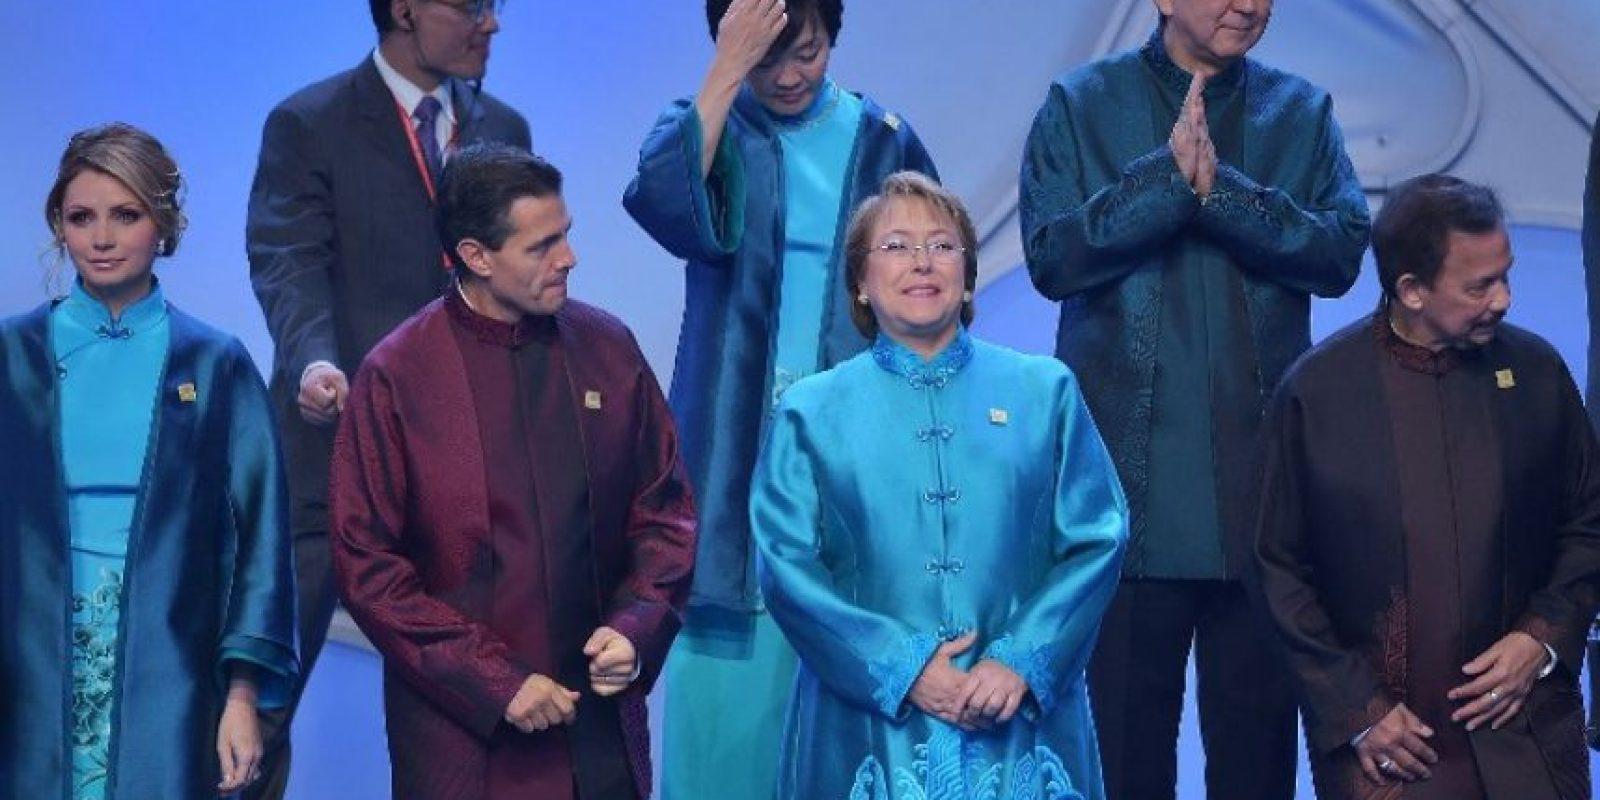 """Una de las """"tradiciones"""" que cada año rodea a esta cumbre es que el país anfitrión regala una prenda a los asistentes como símbolo de cooperación Foto:AFP"""